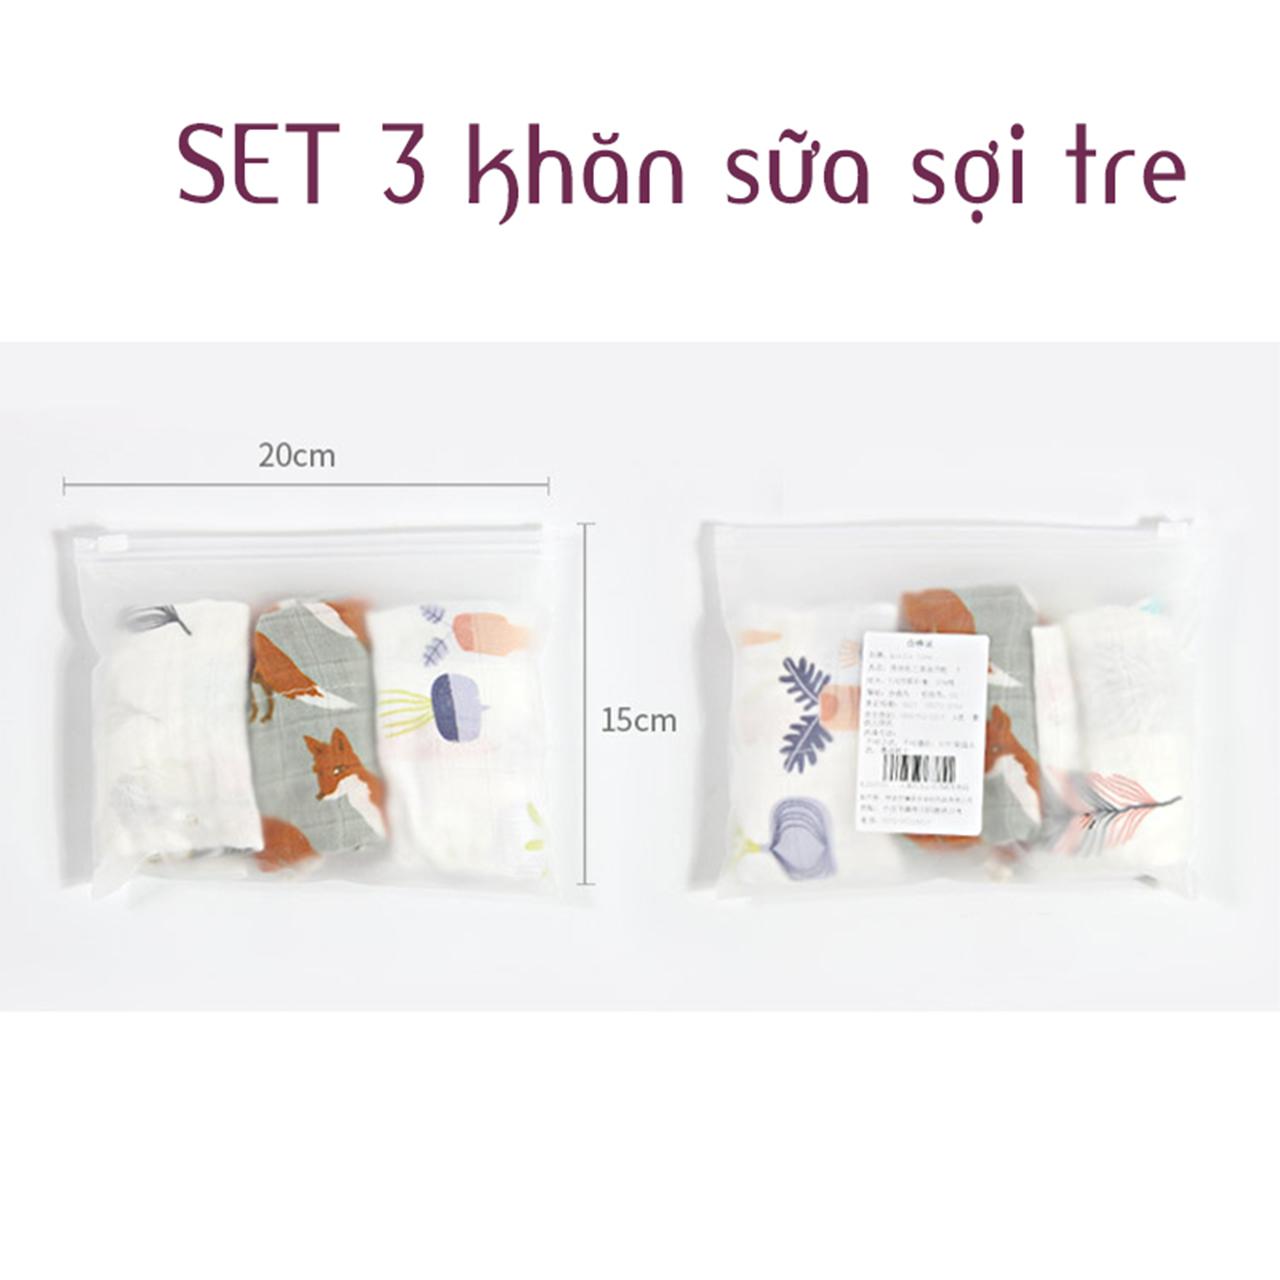 Set 3 khăn sữa sợi tre Aden cao cấp cho bé nhiều màu ngẫu nhiên